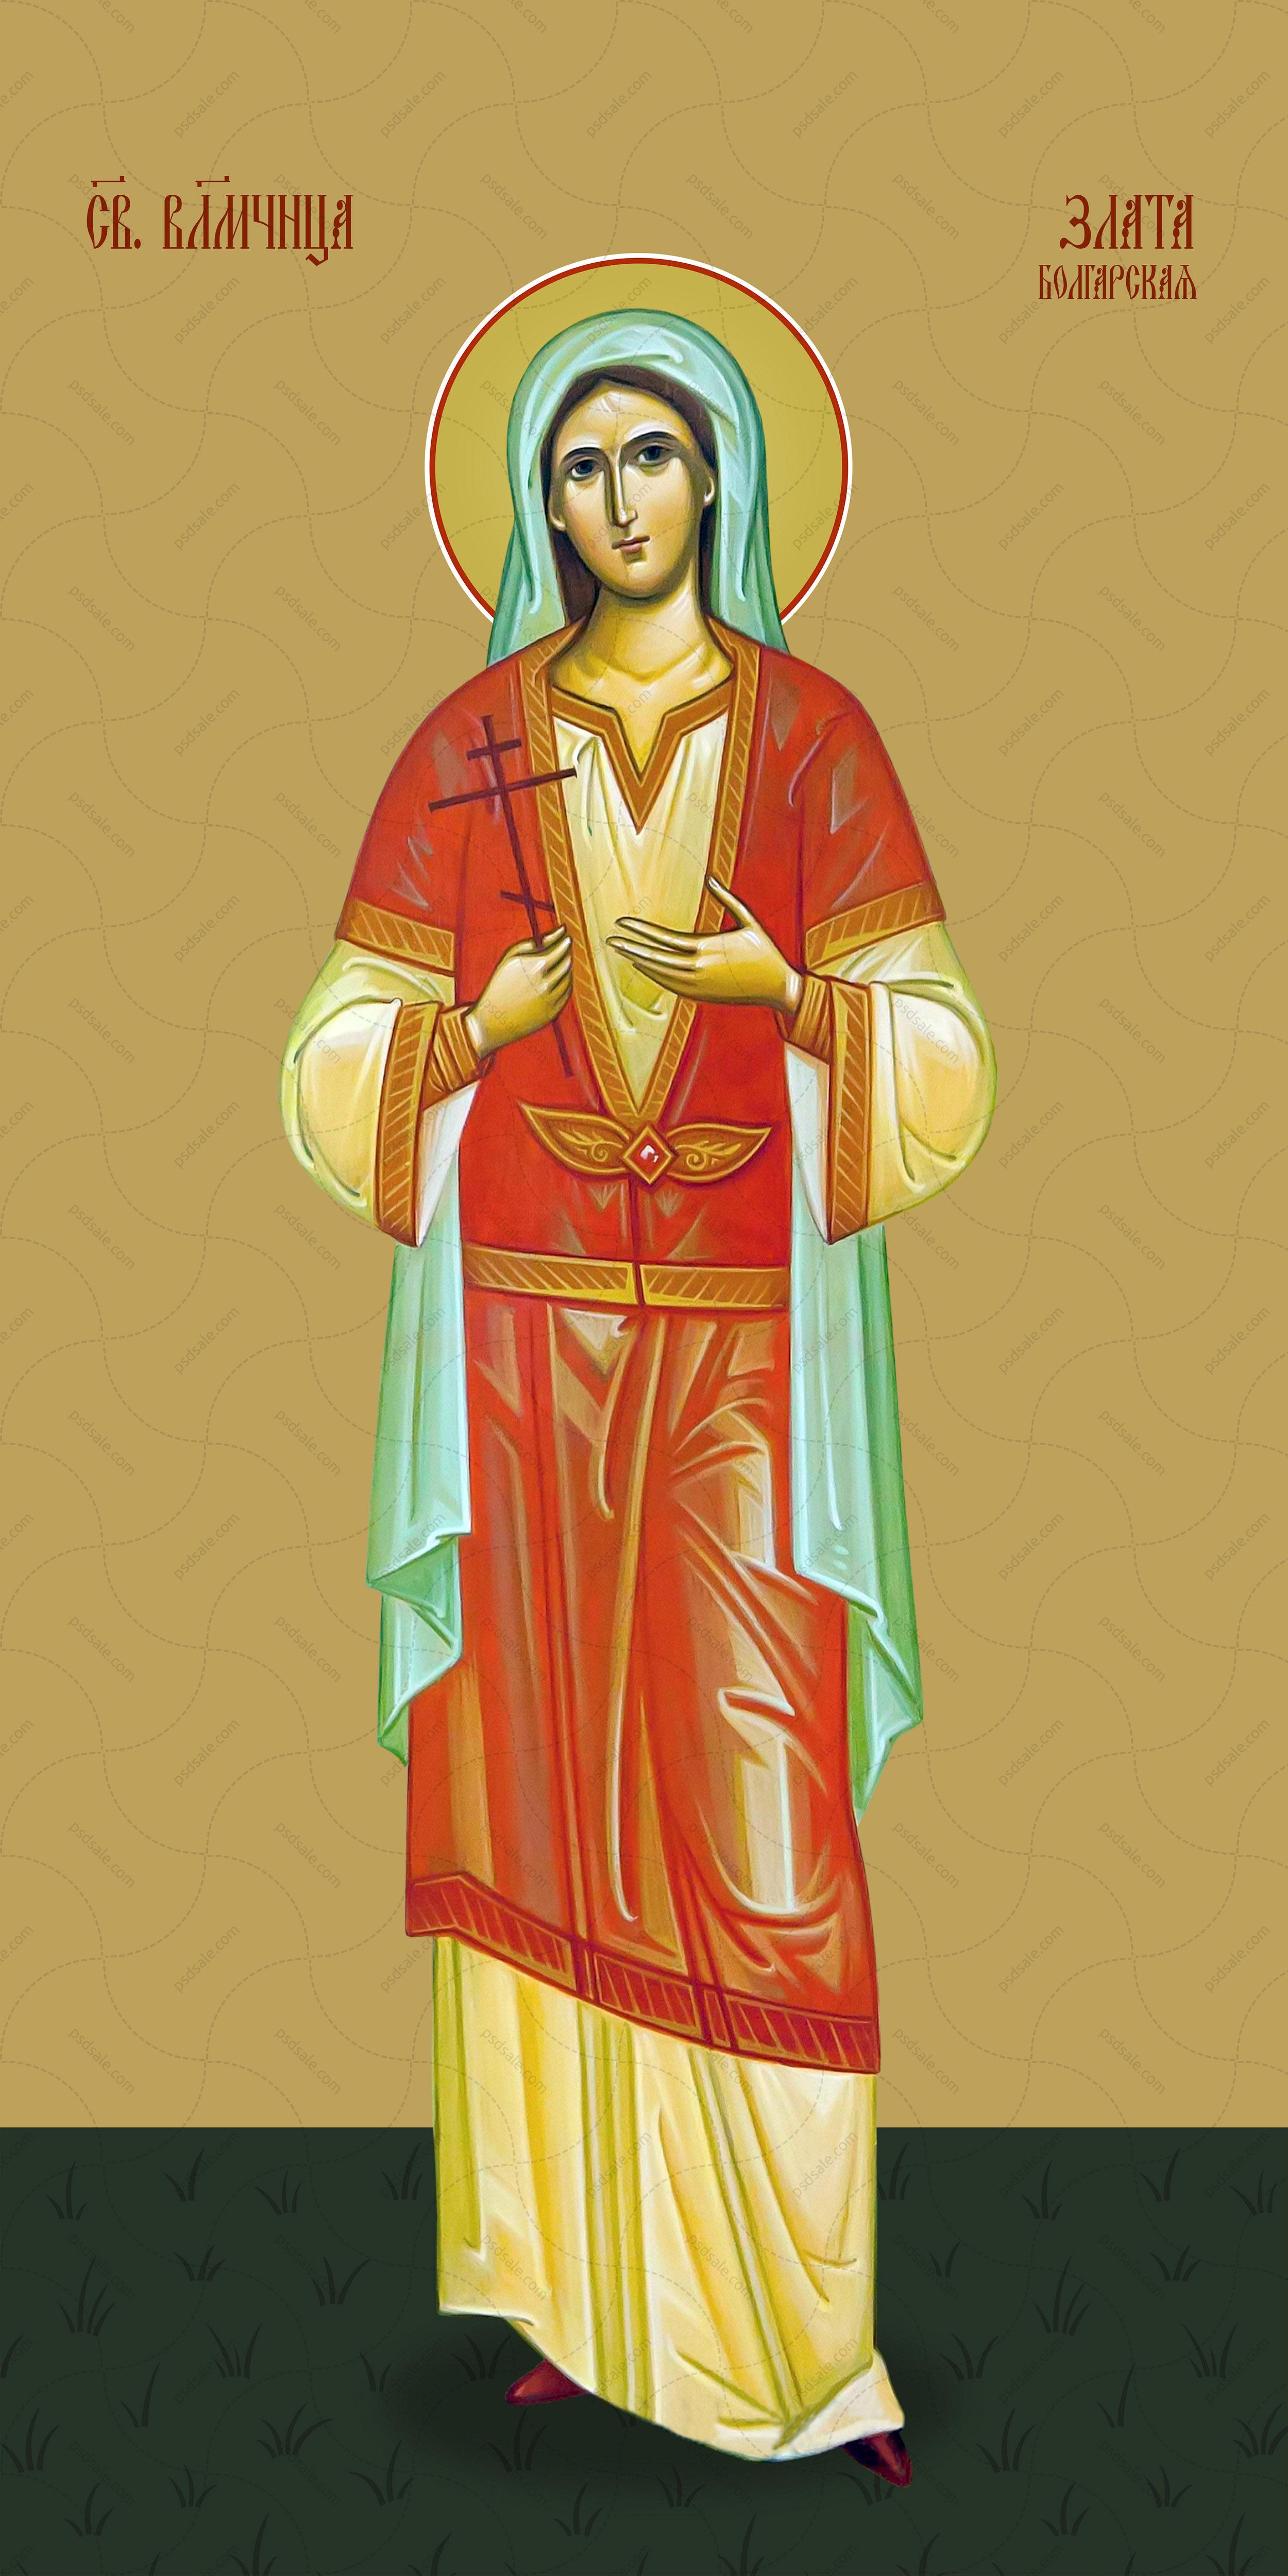 Мерная икона, Злата Могленская, святая